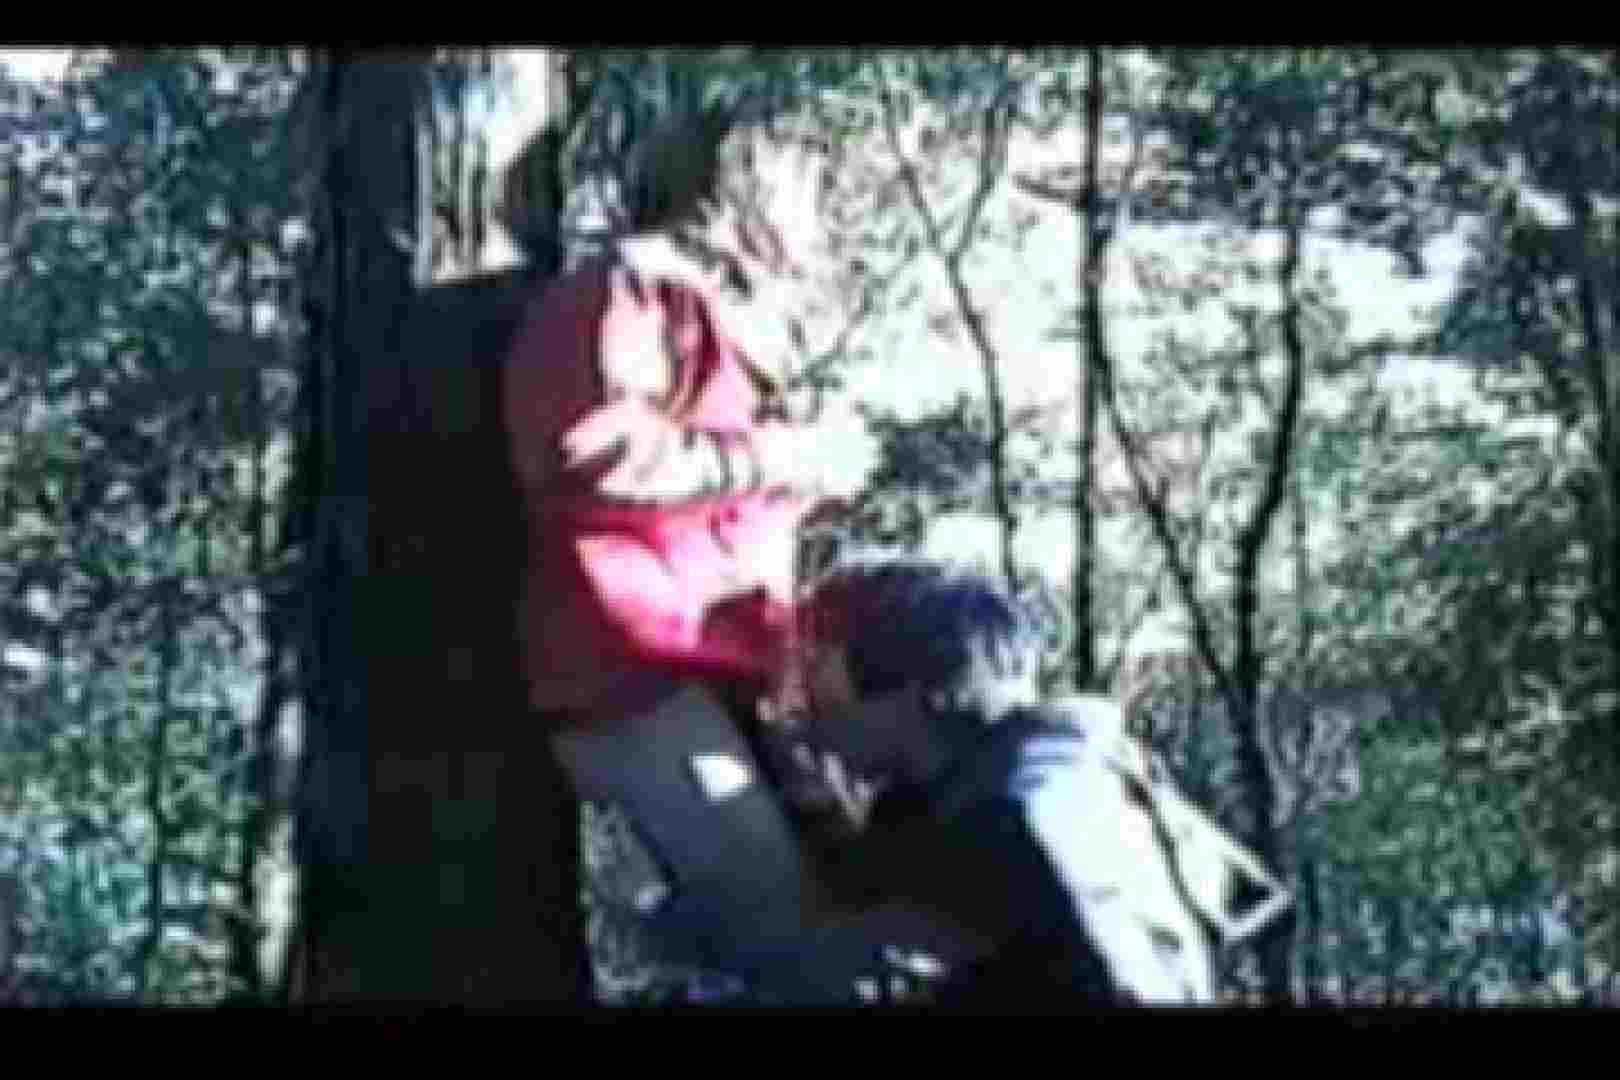 オールドゲイシリーズ  美少年ひかるのオープンファック イケメン  106pic 27